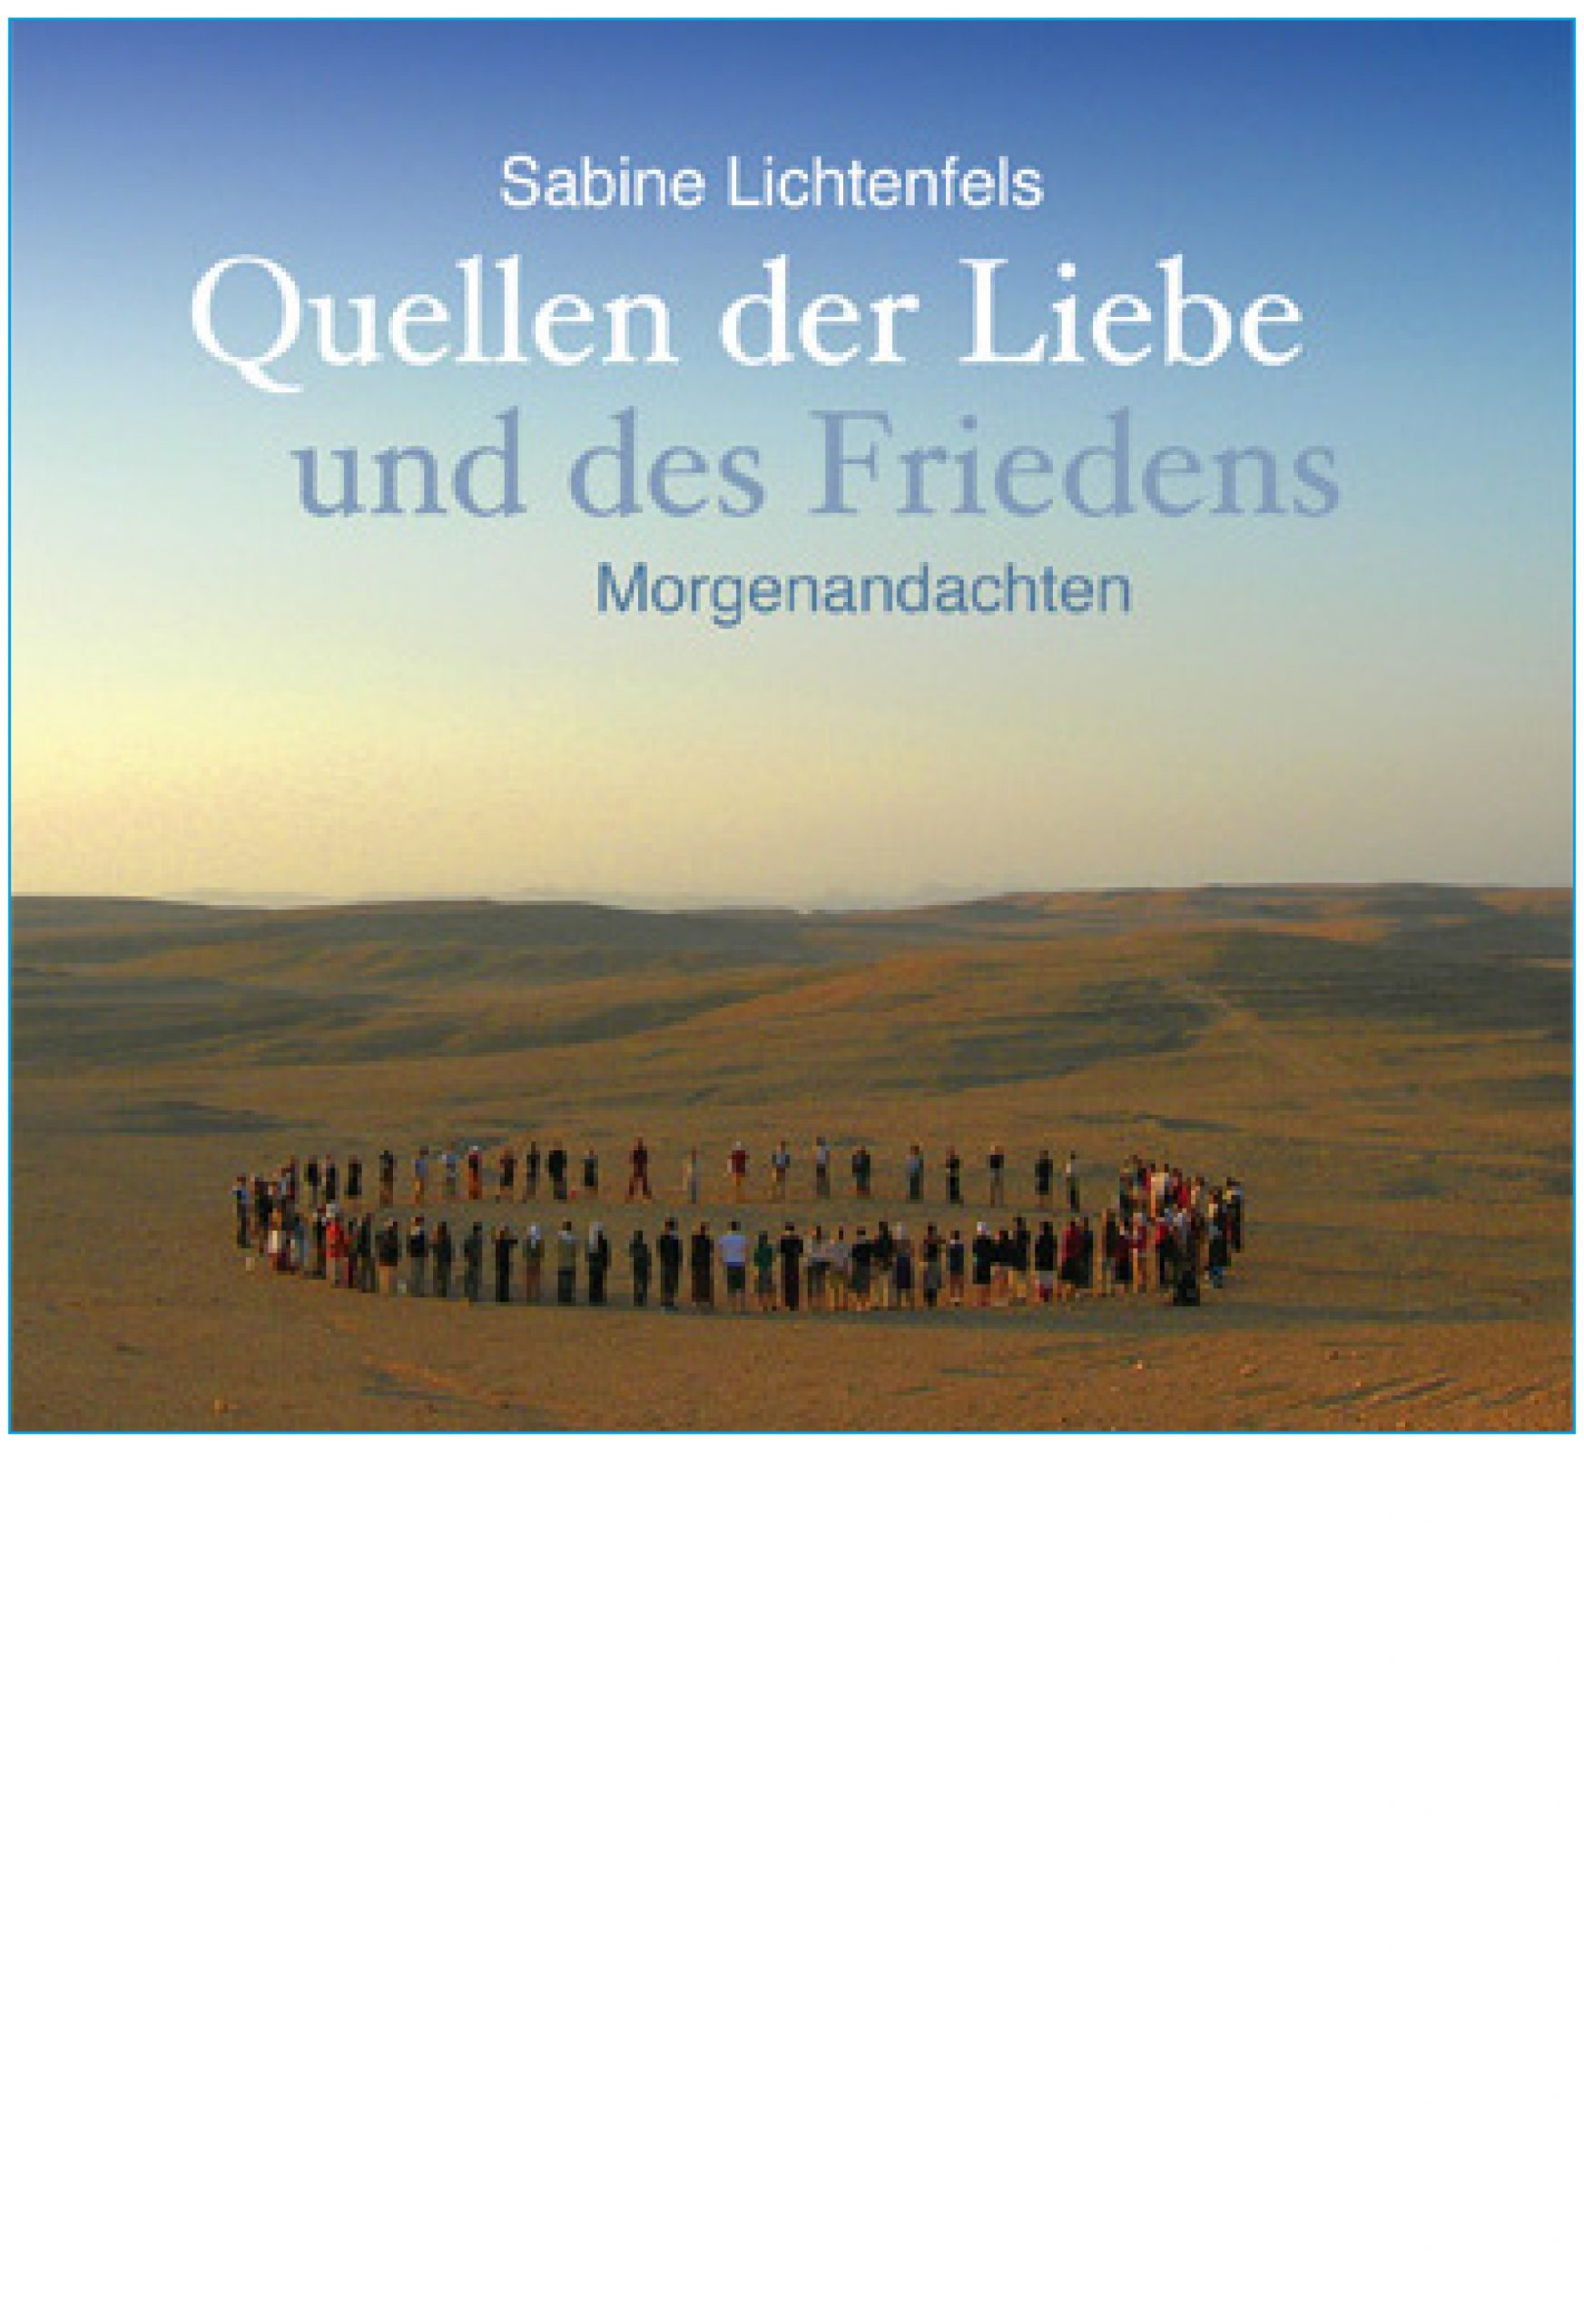 Quellen der Liebe und des Friedens – Hörbuch